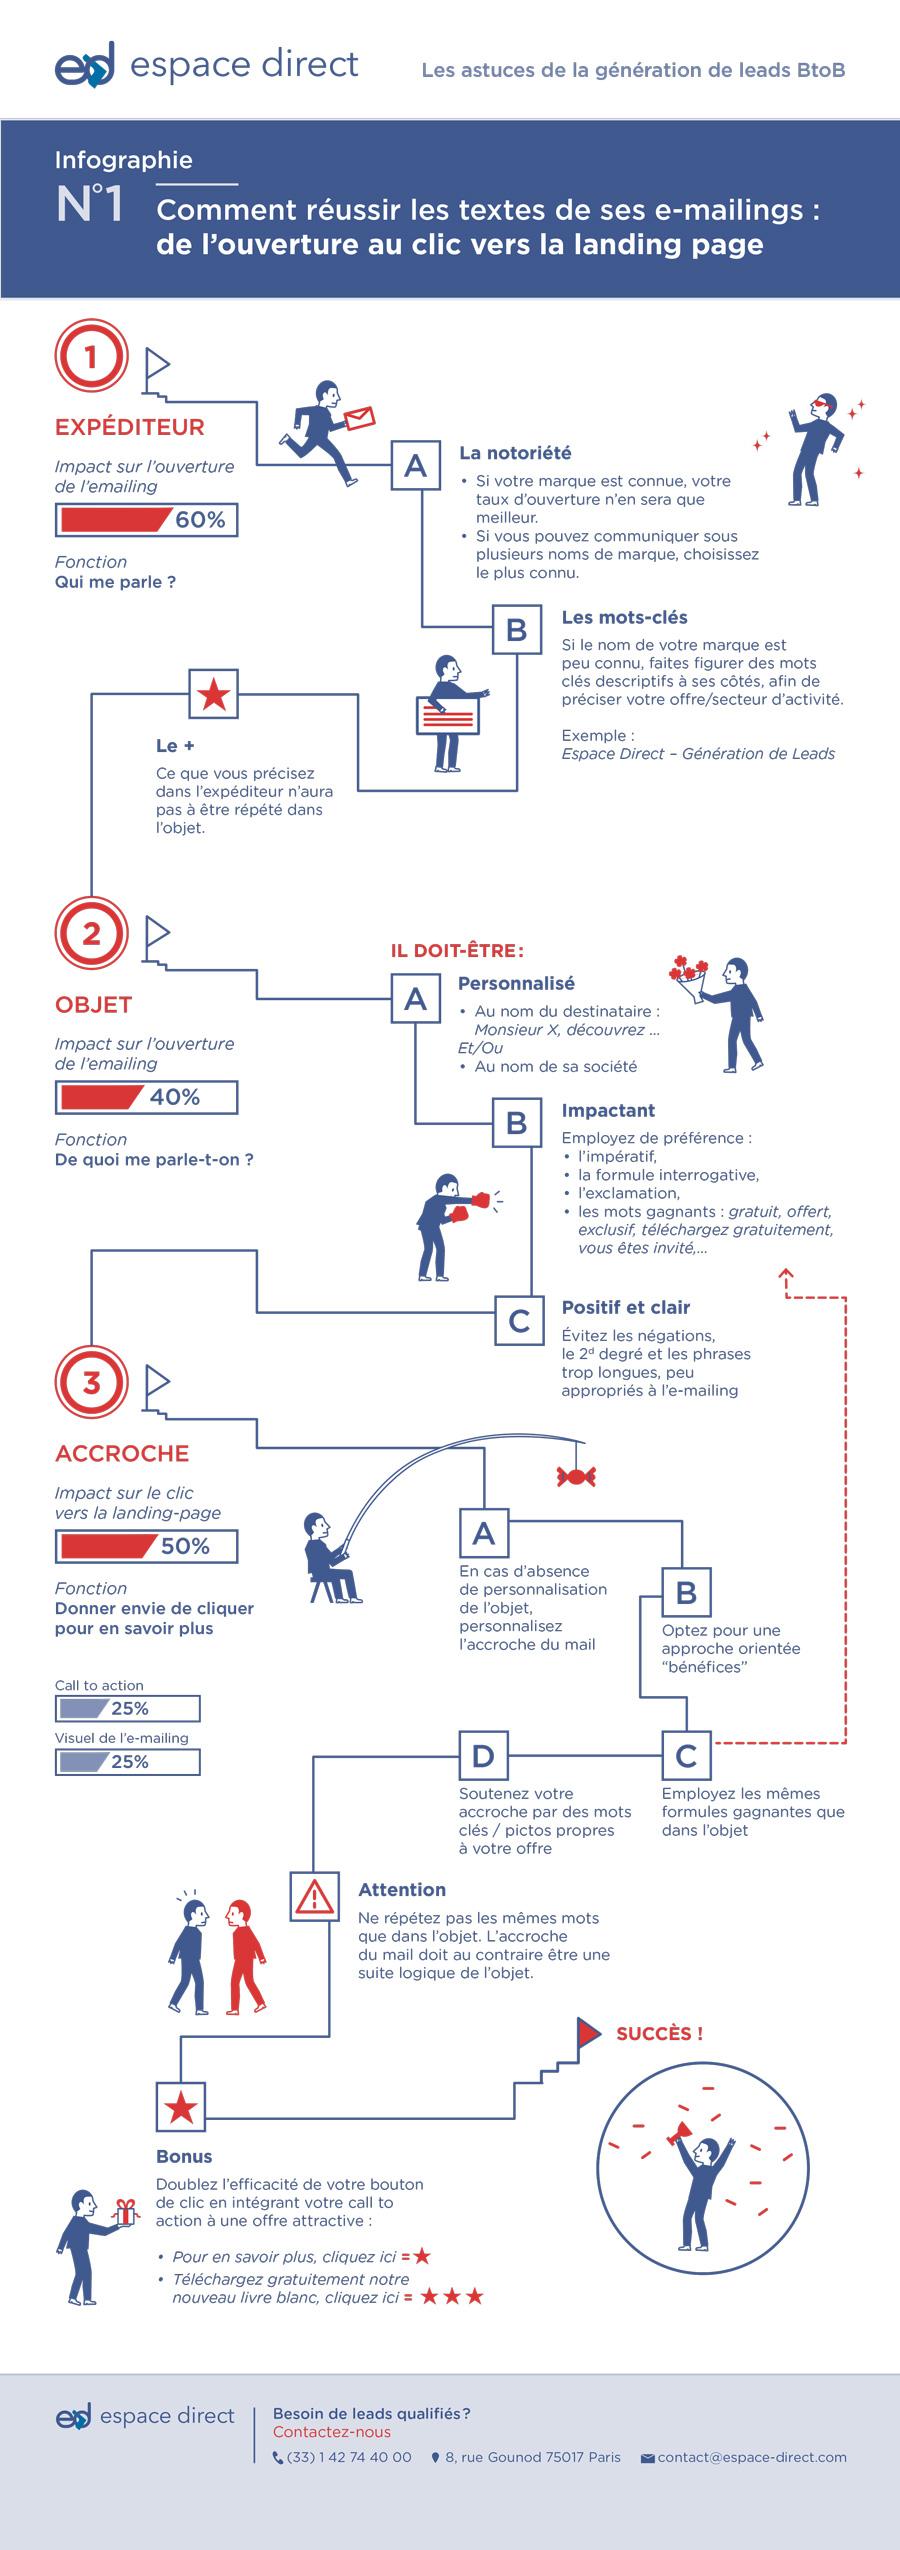 Infographie illustrée, comment réussir la rédaction d'une campagne e-mail